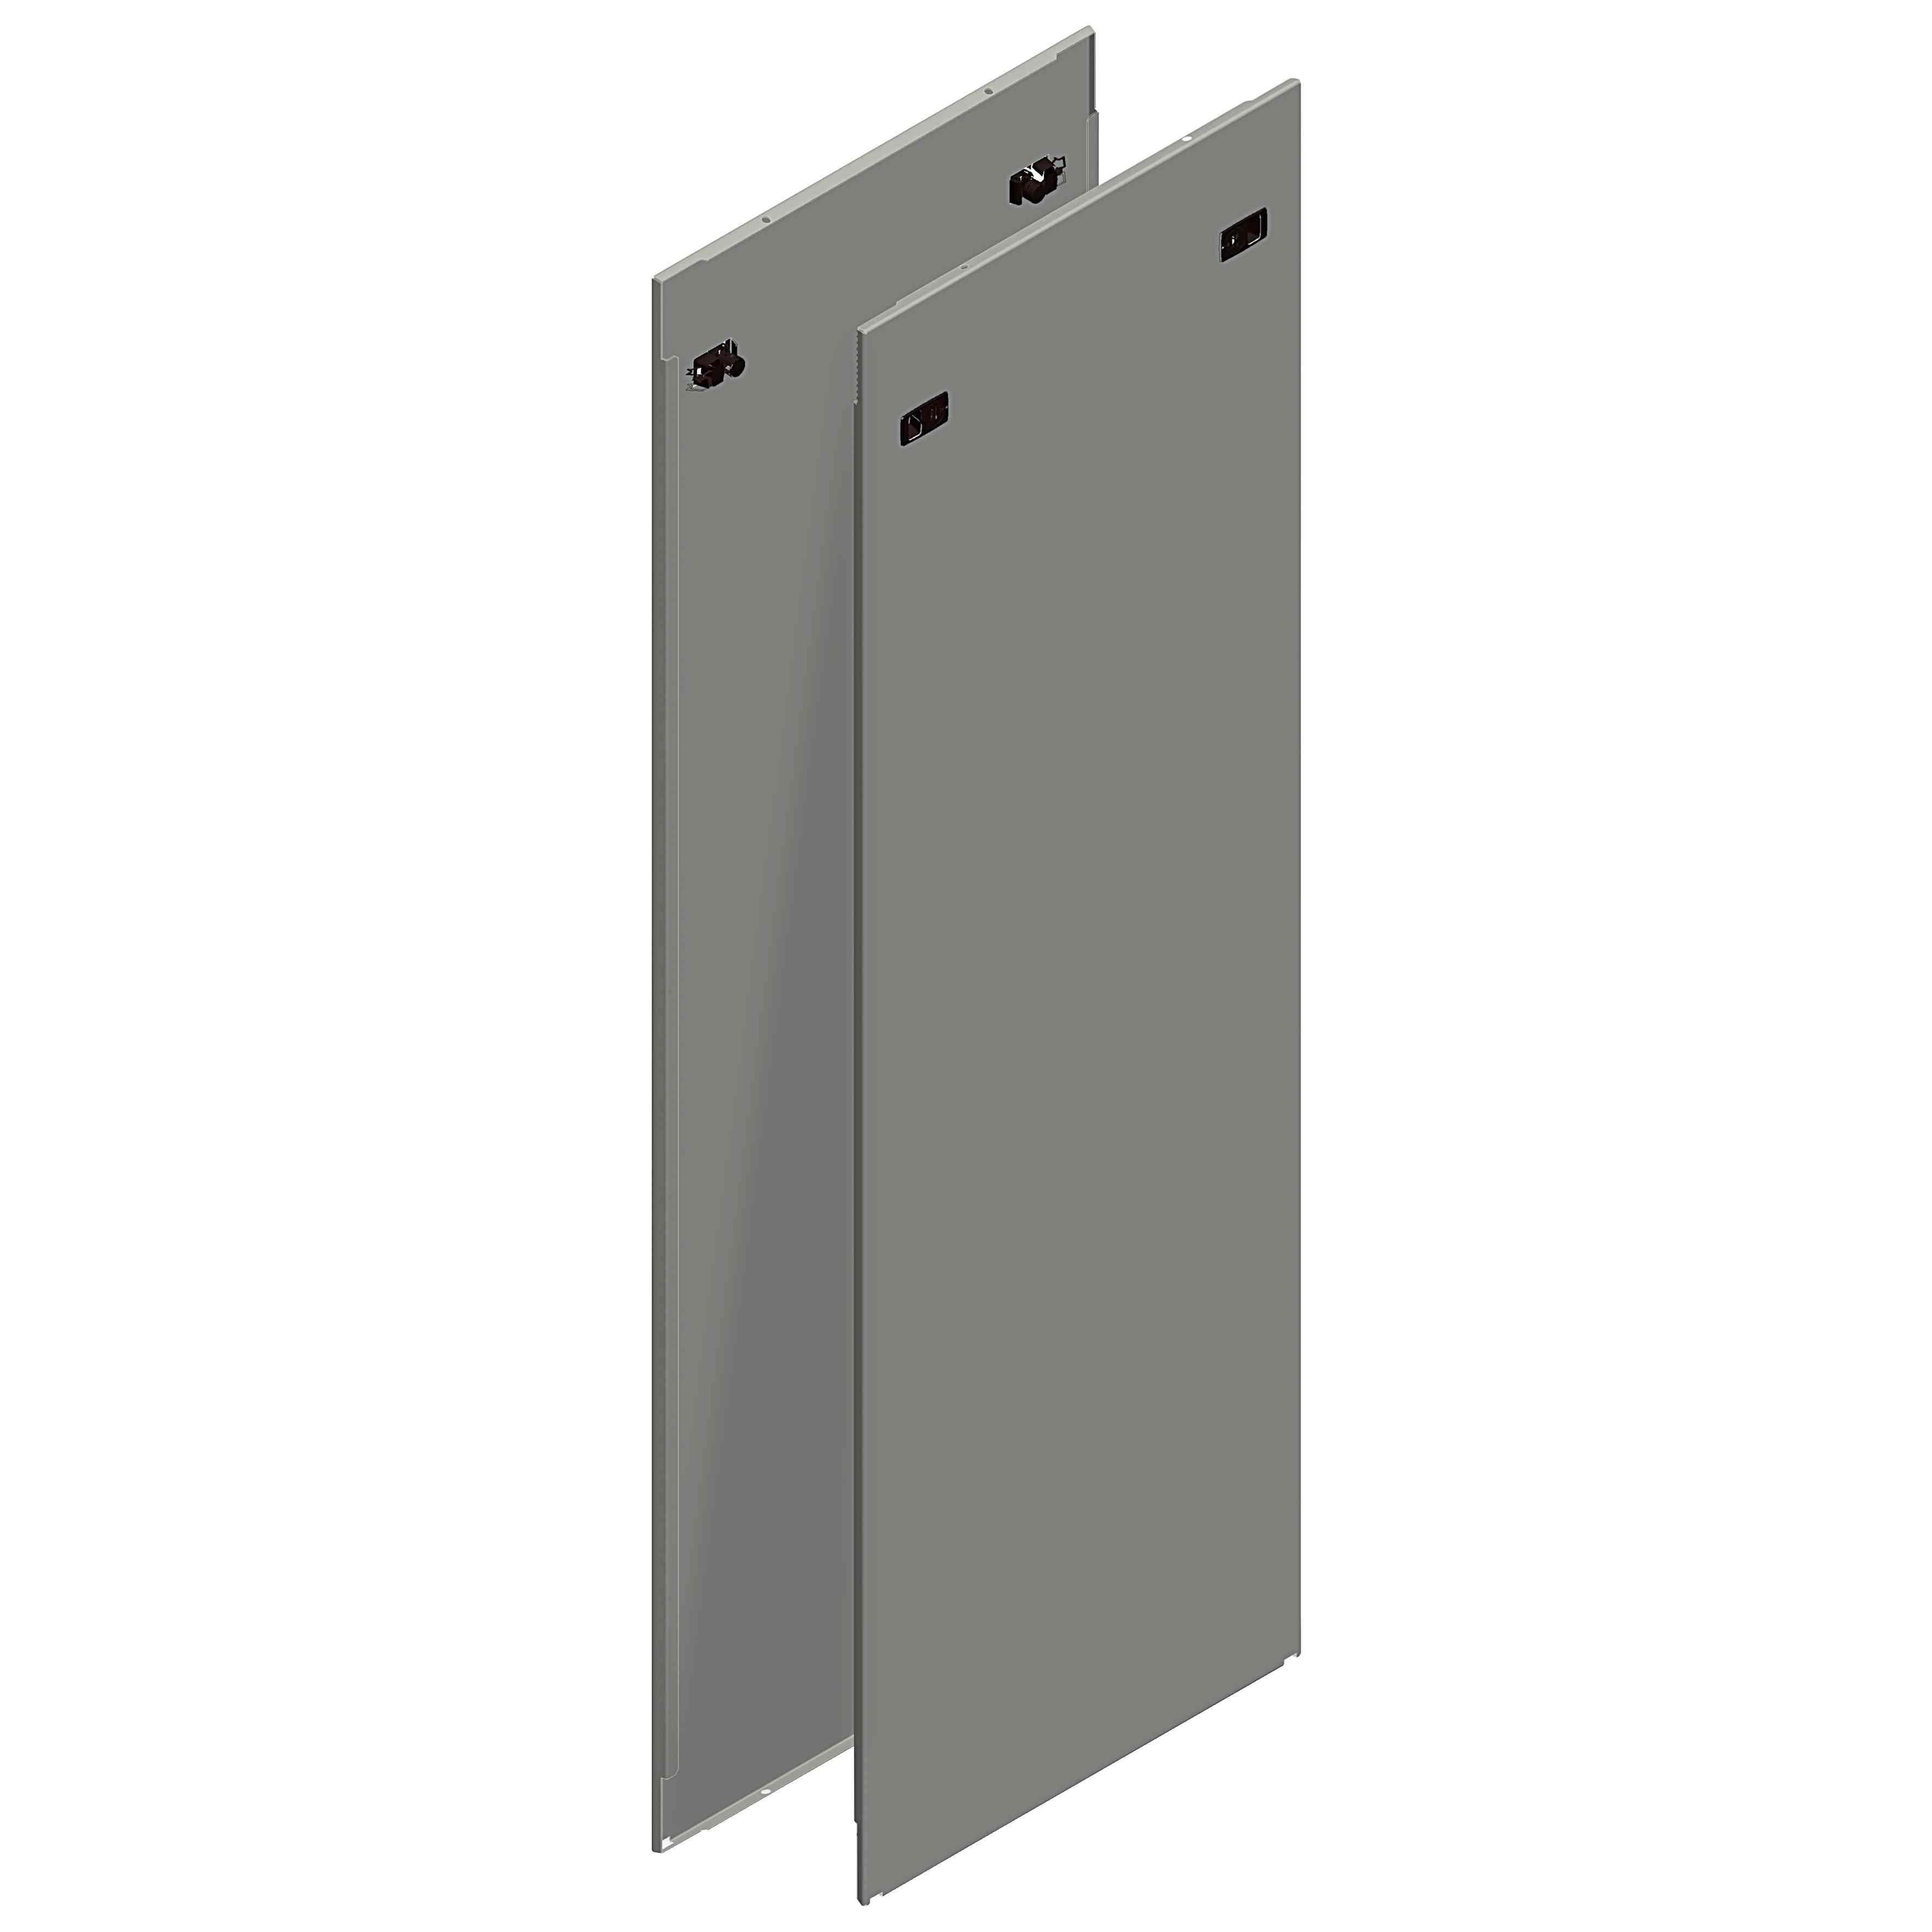 Stranske plošče Spacial SF za hitro pritrditev - 2000 x 600 mm